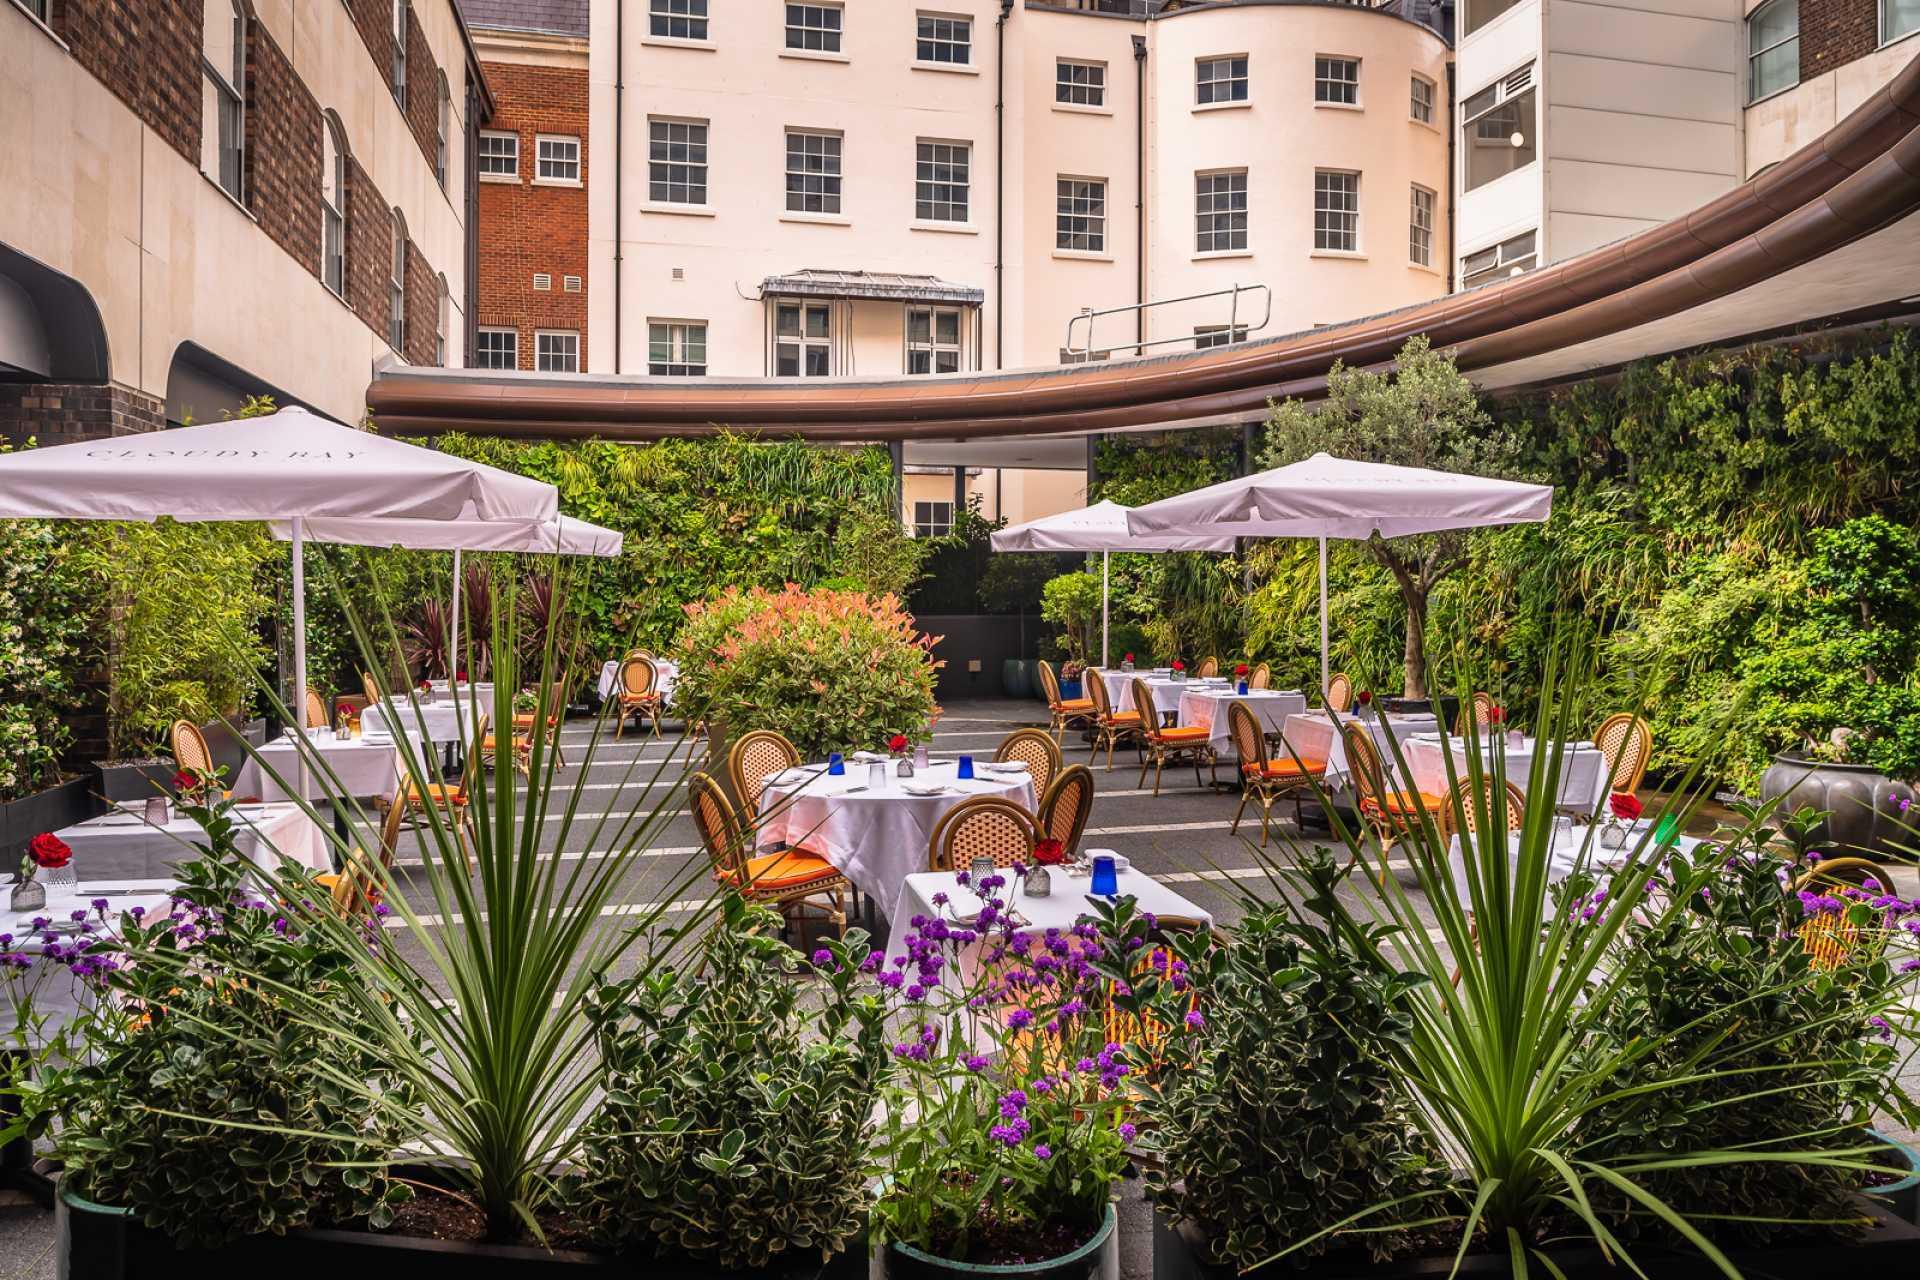 The Biltmore Mayfair hotel